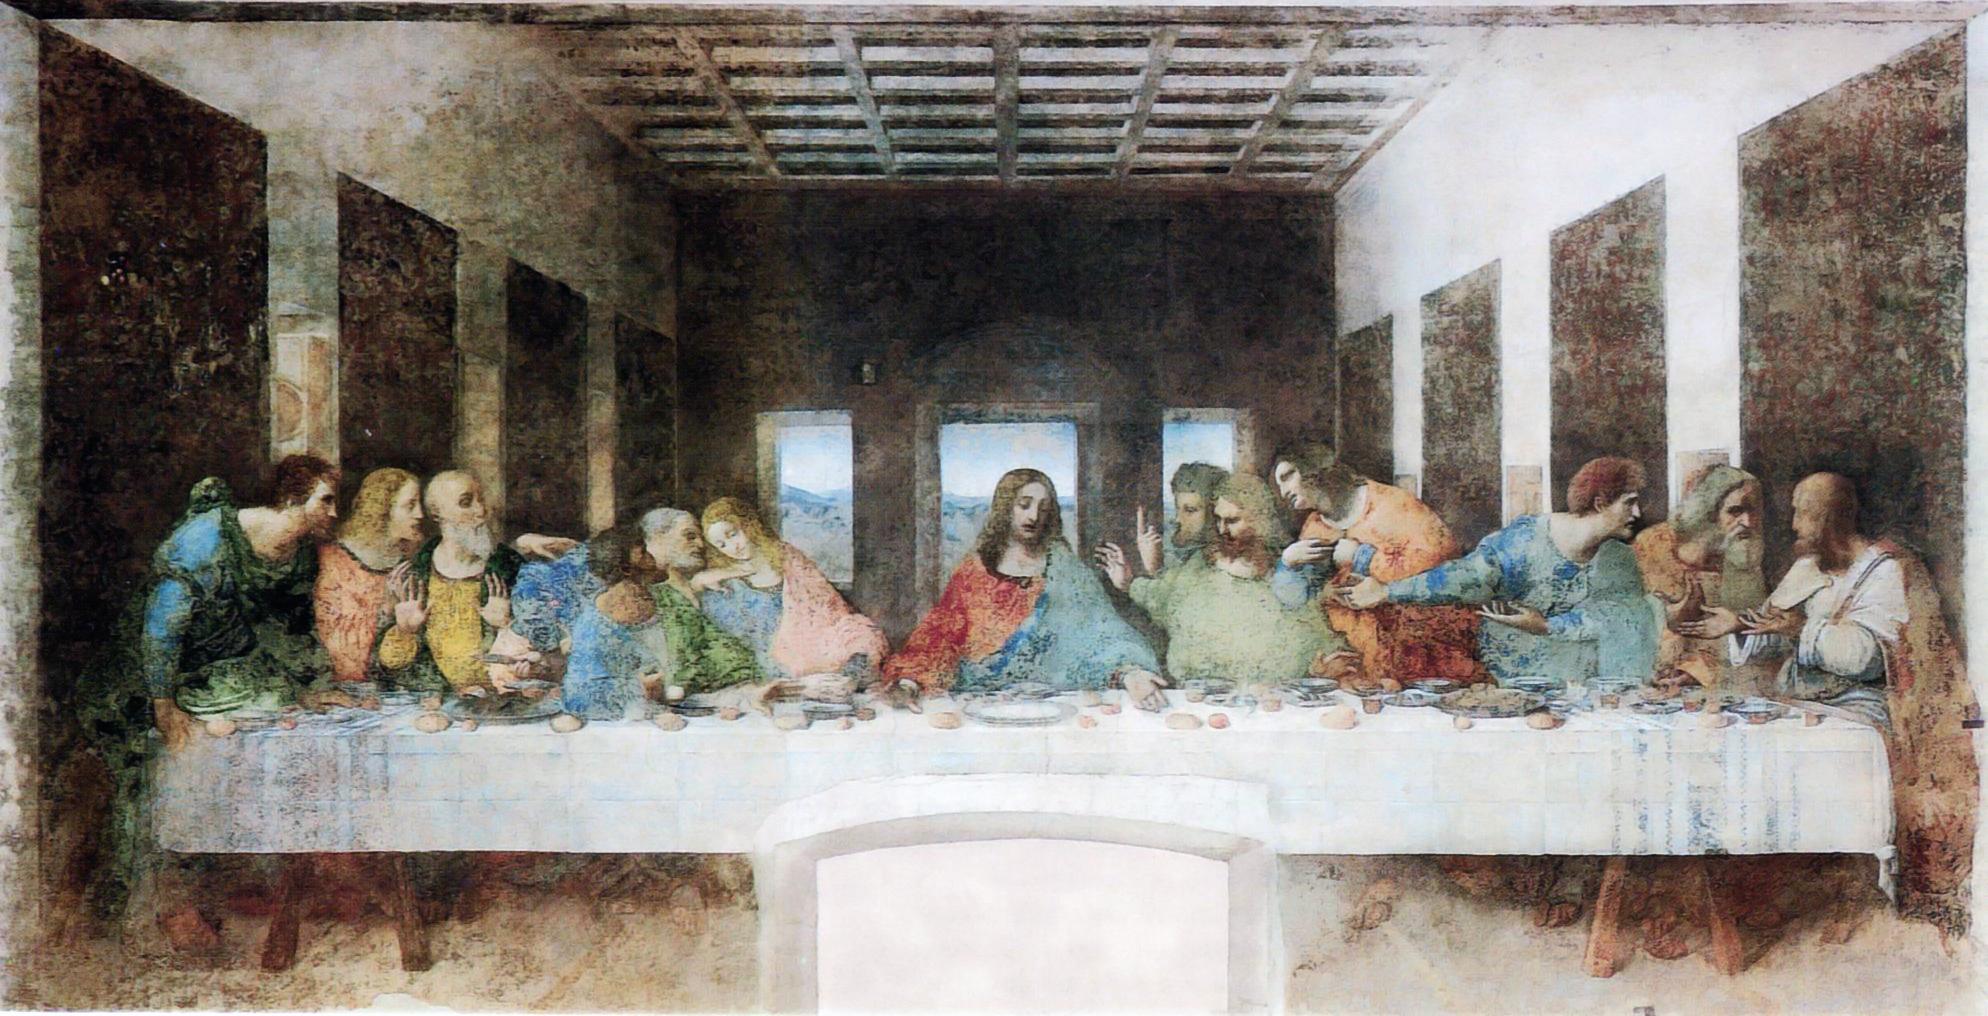 La última cena - Leonardo da Vinci